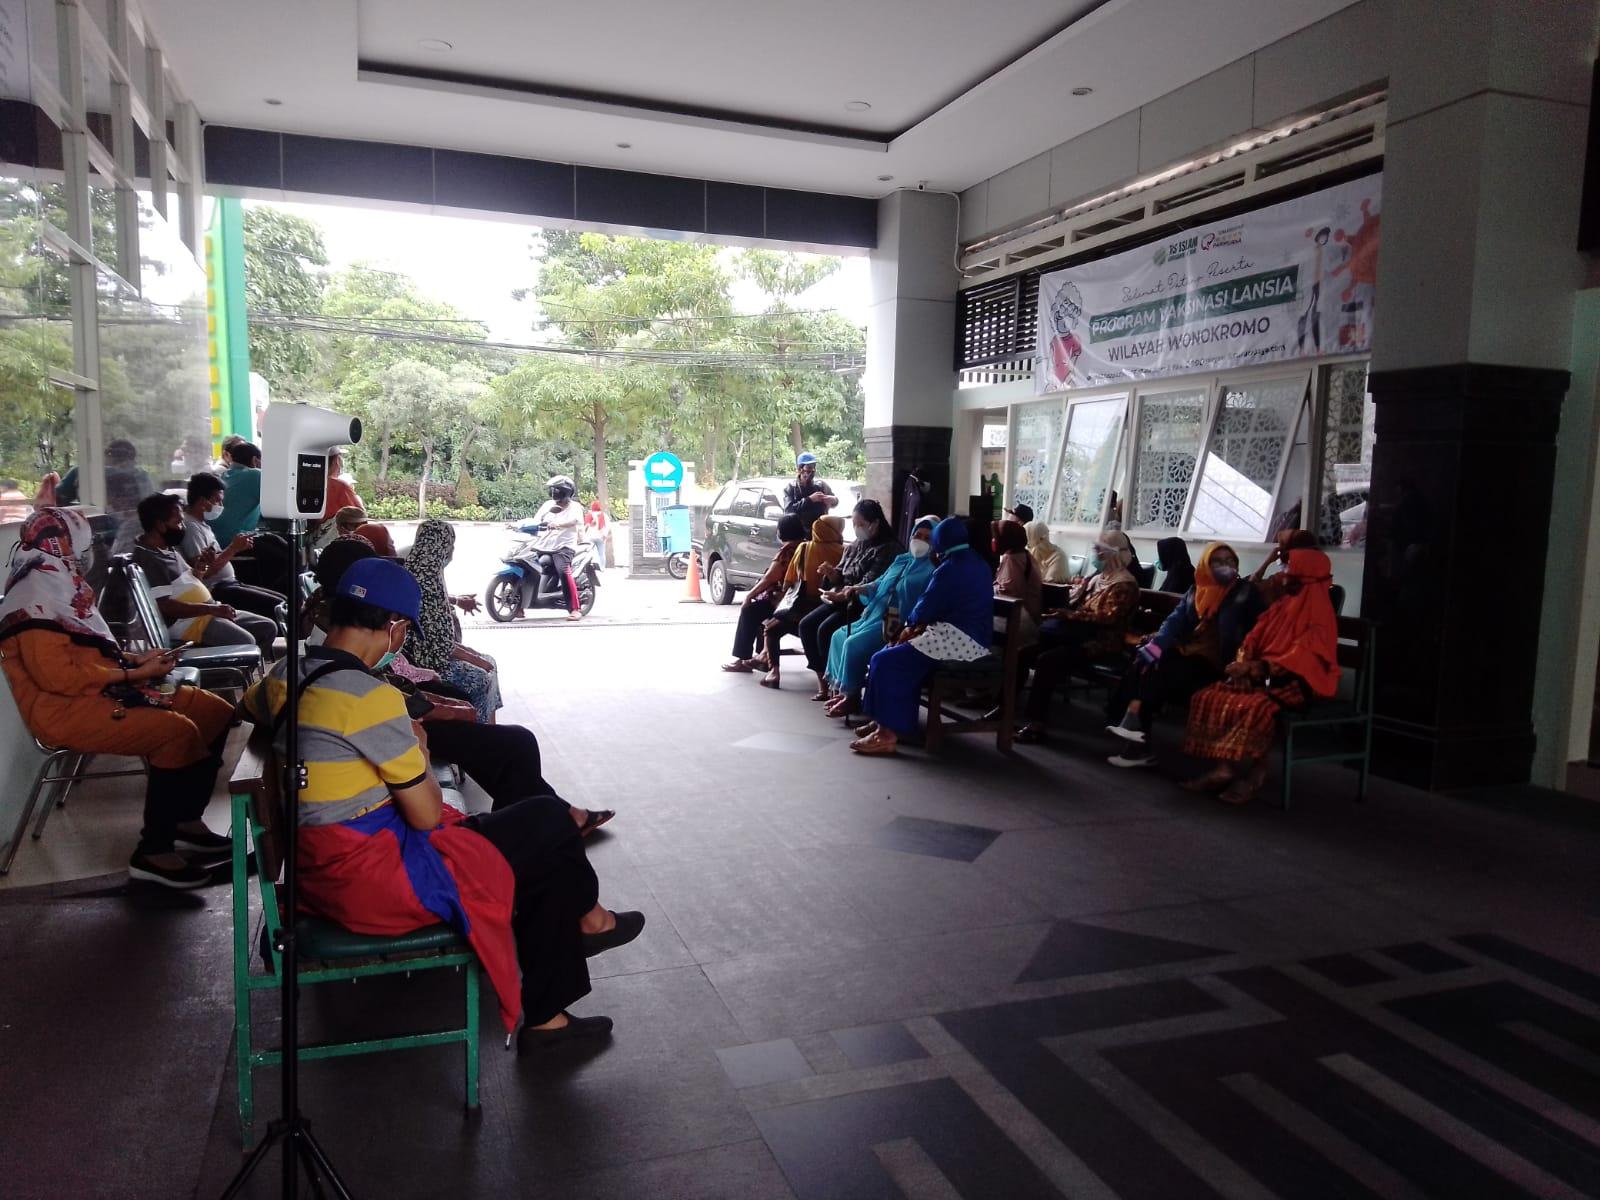 Rumah Sakit Islam (RSI) Ahmad Yani Surabaya sedang melaksanakan vaksinasi untuk lansia Selasa (23/02/2021). (Foto: Rangga Aji/Tugu Jatim)